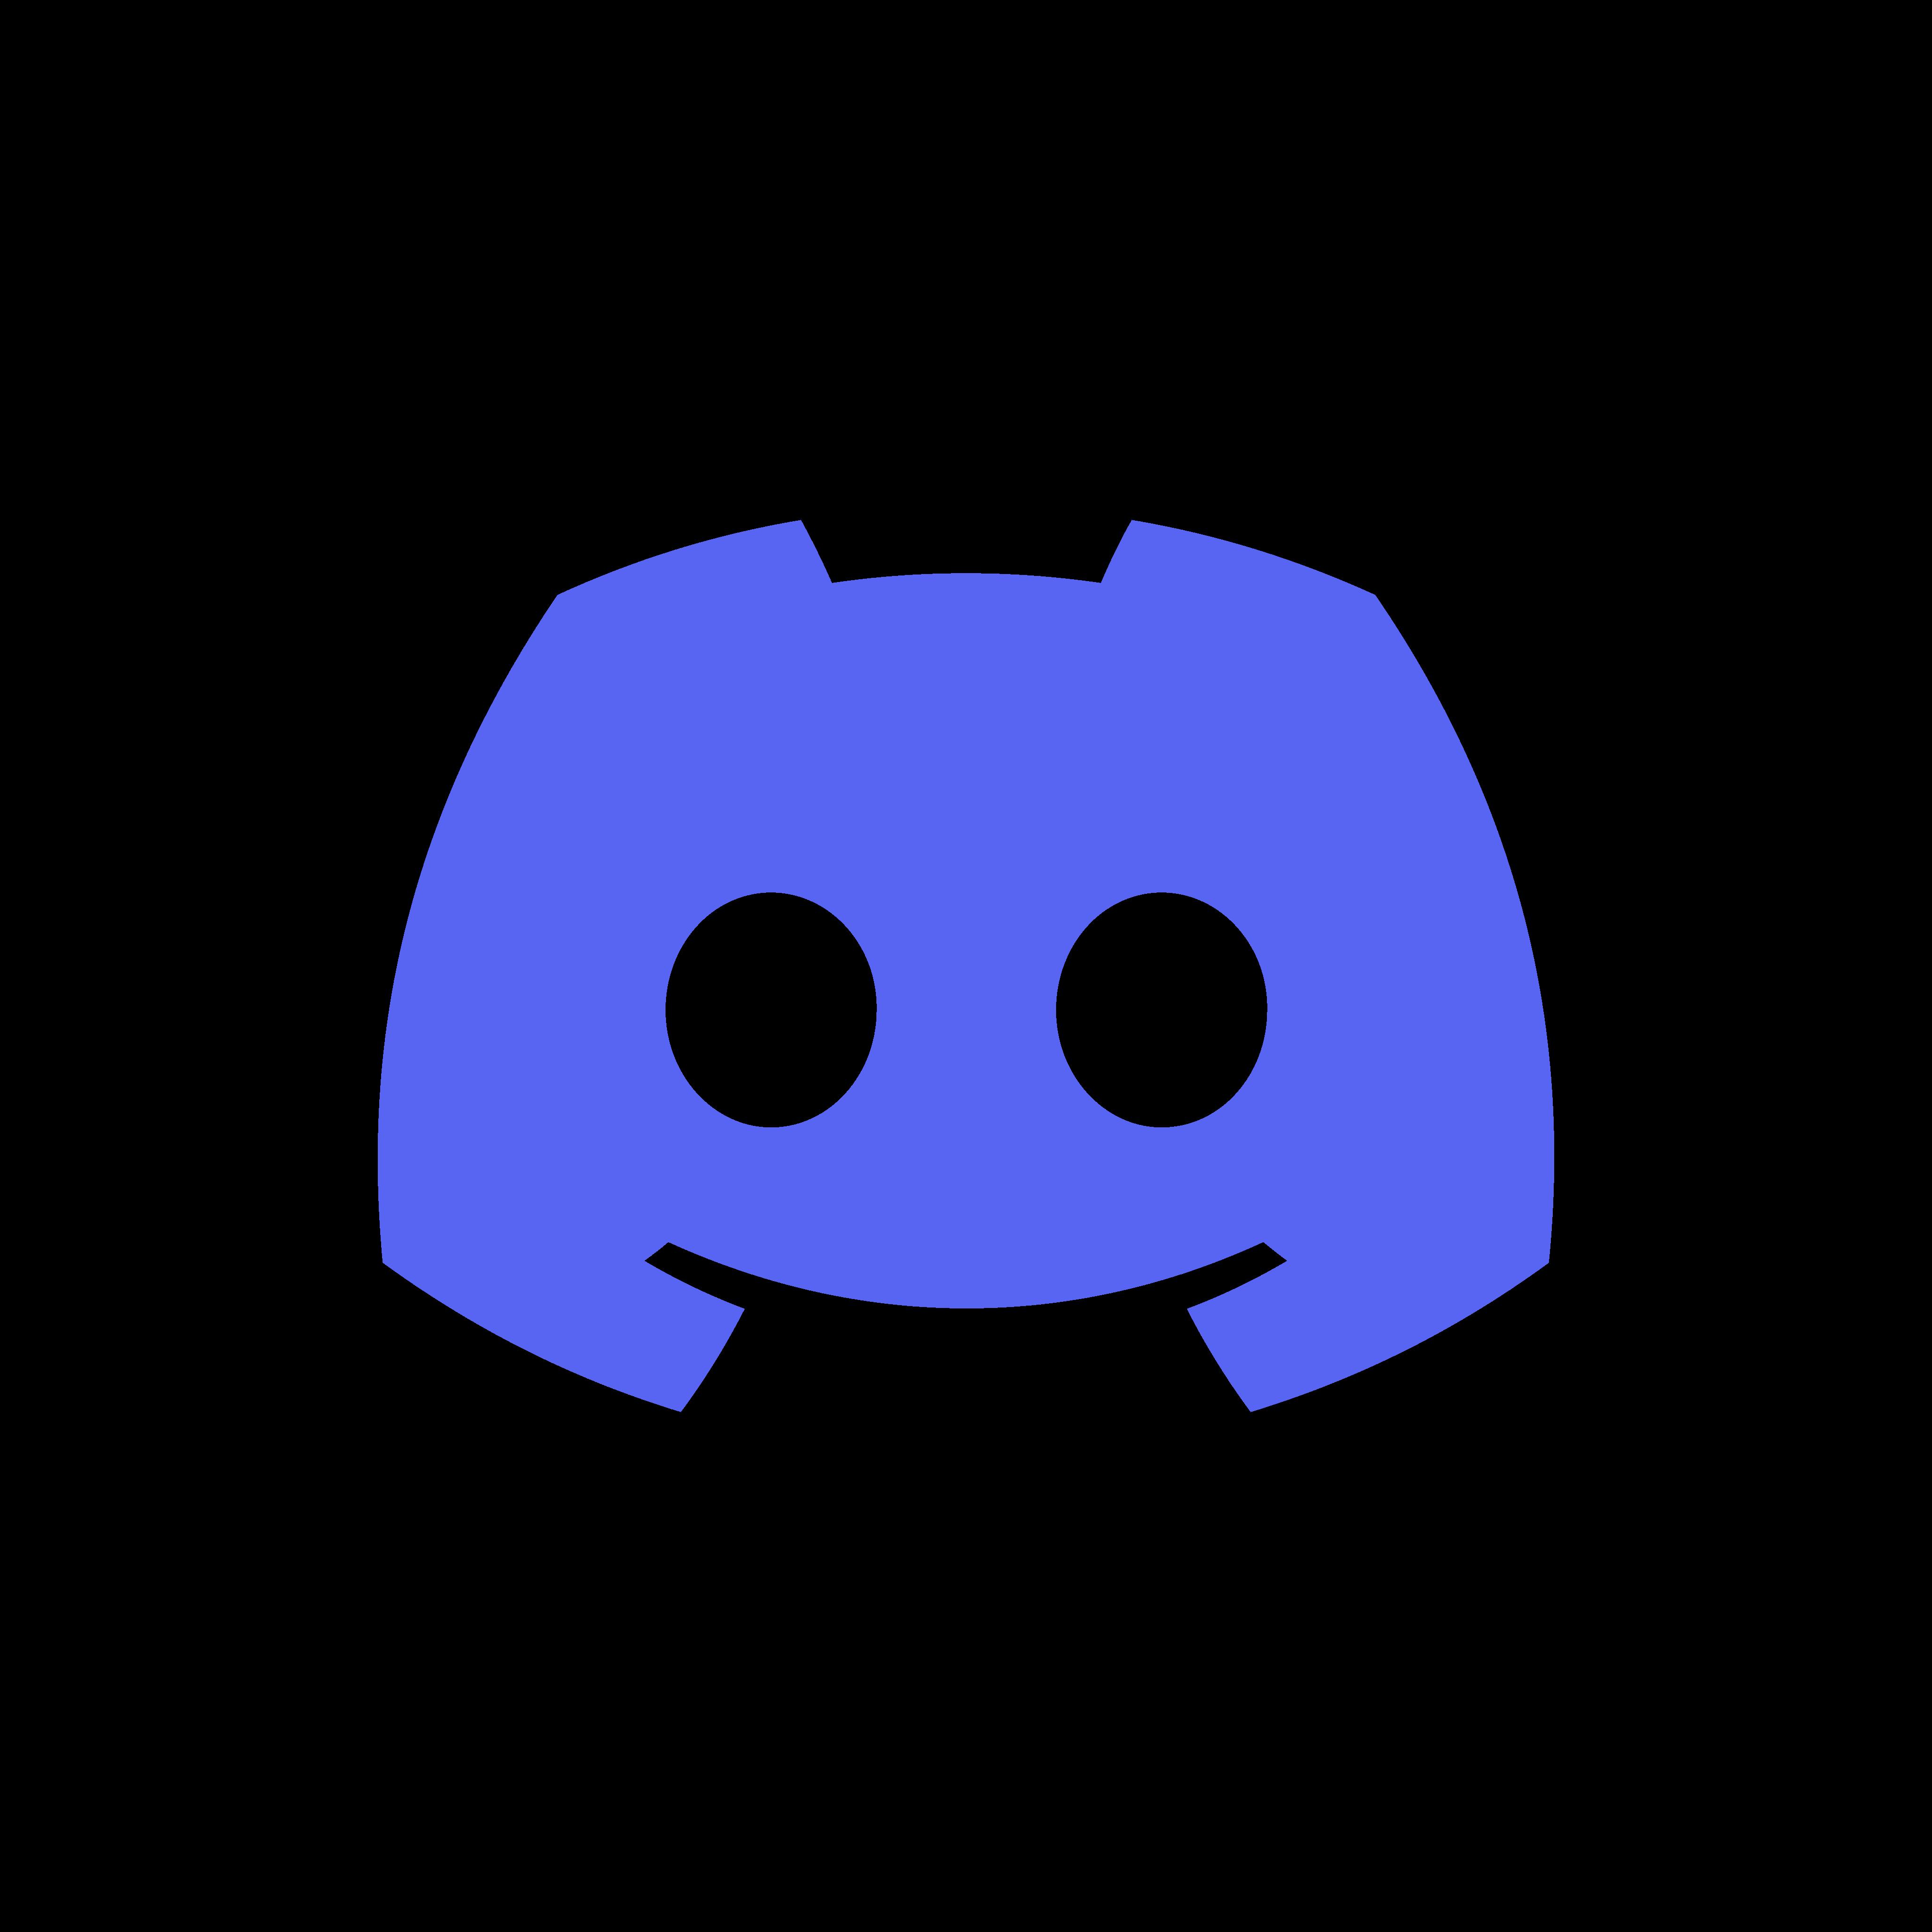 discord logo 0 - Discord Logo